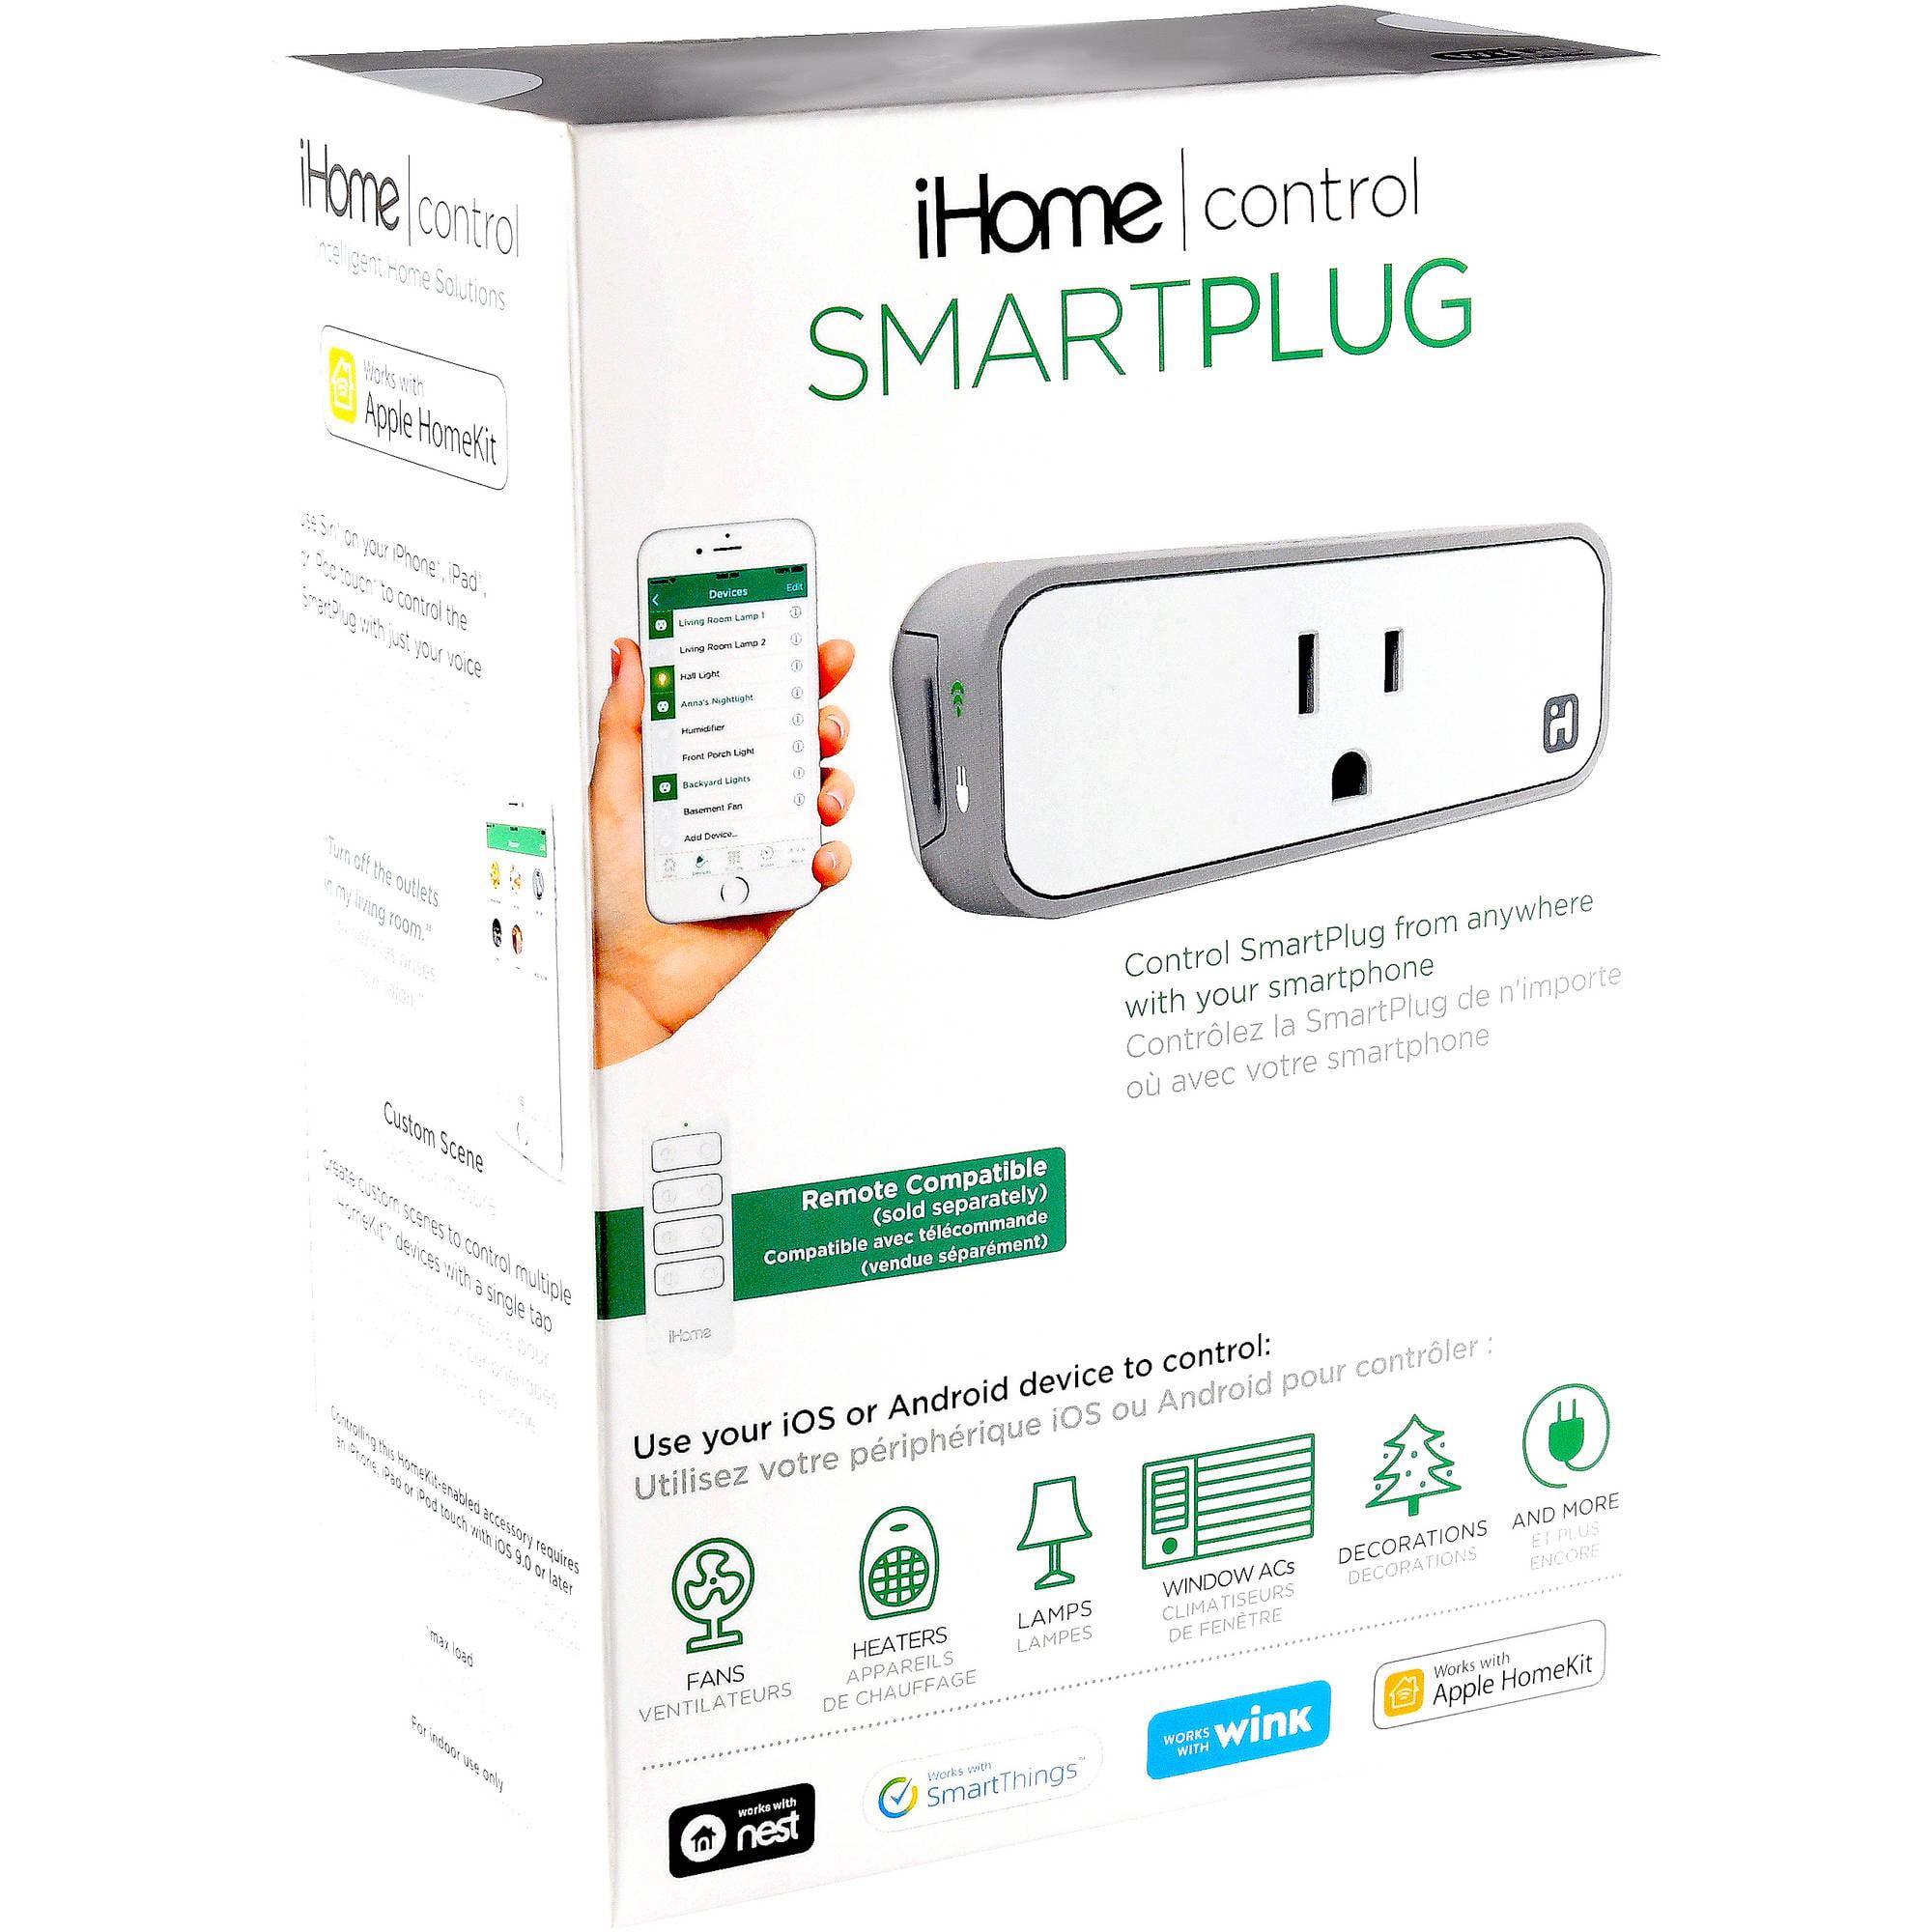 iHome Smart Plug, 1-Pack - Walmart com